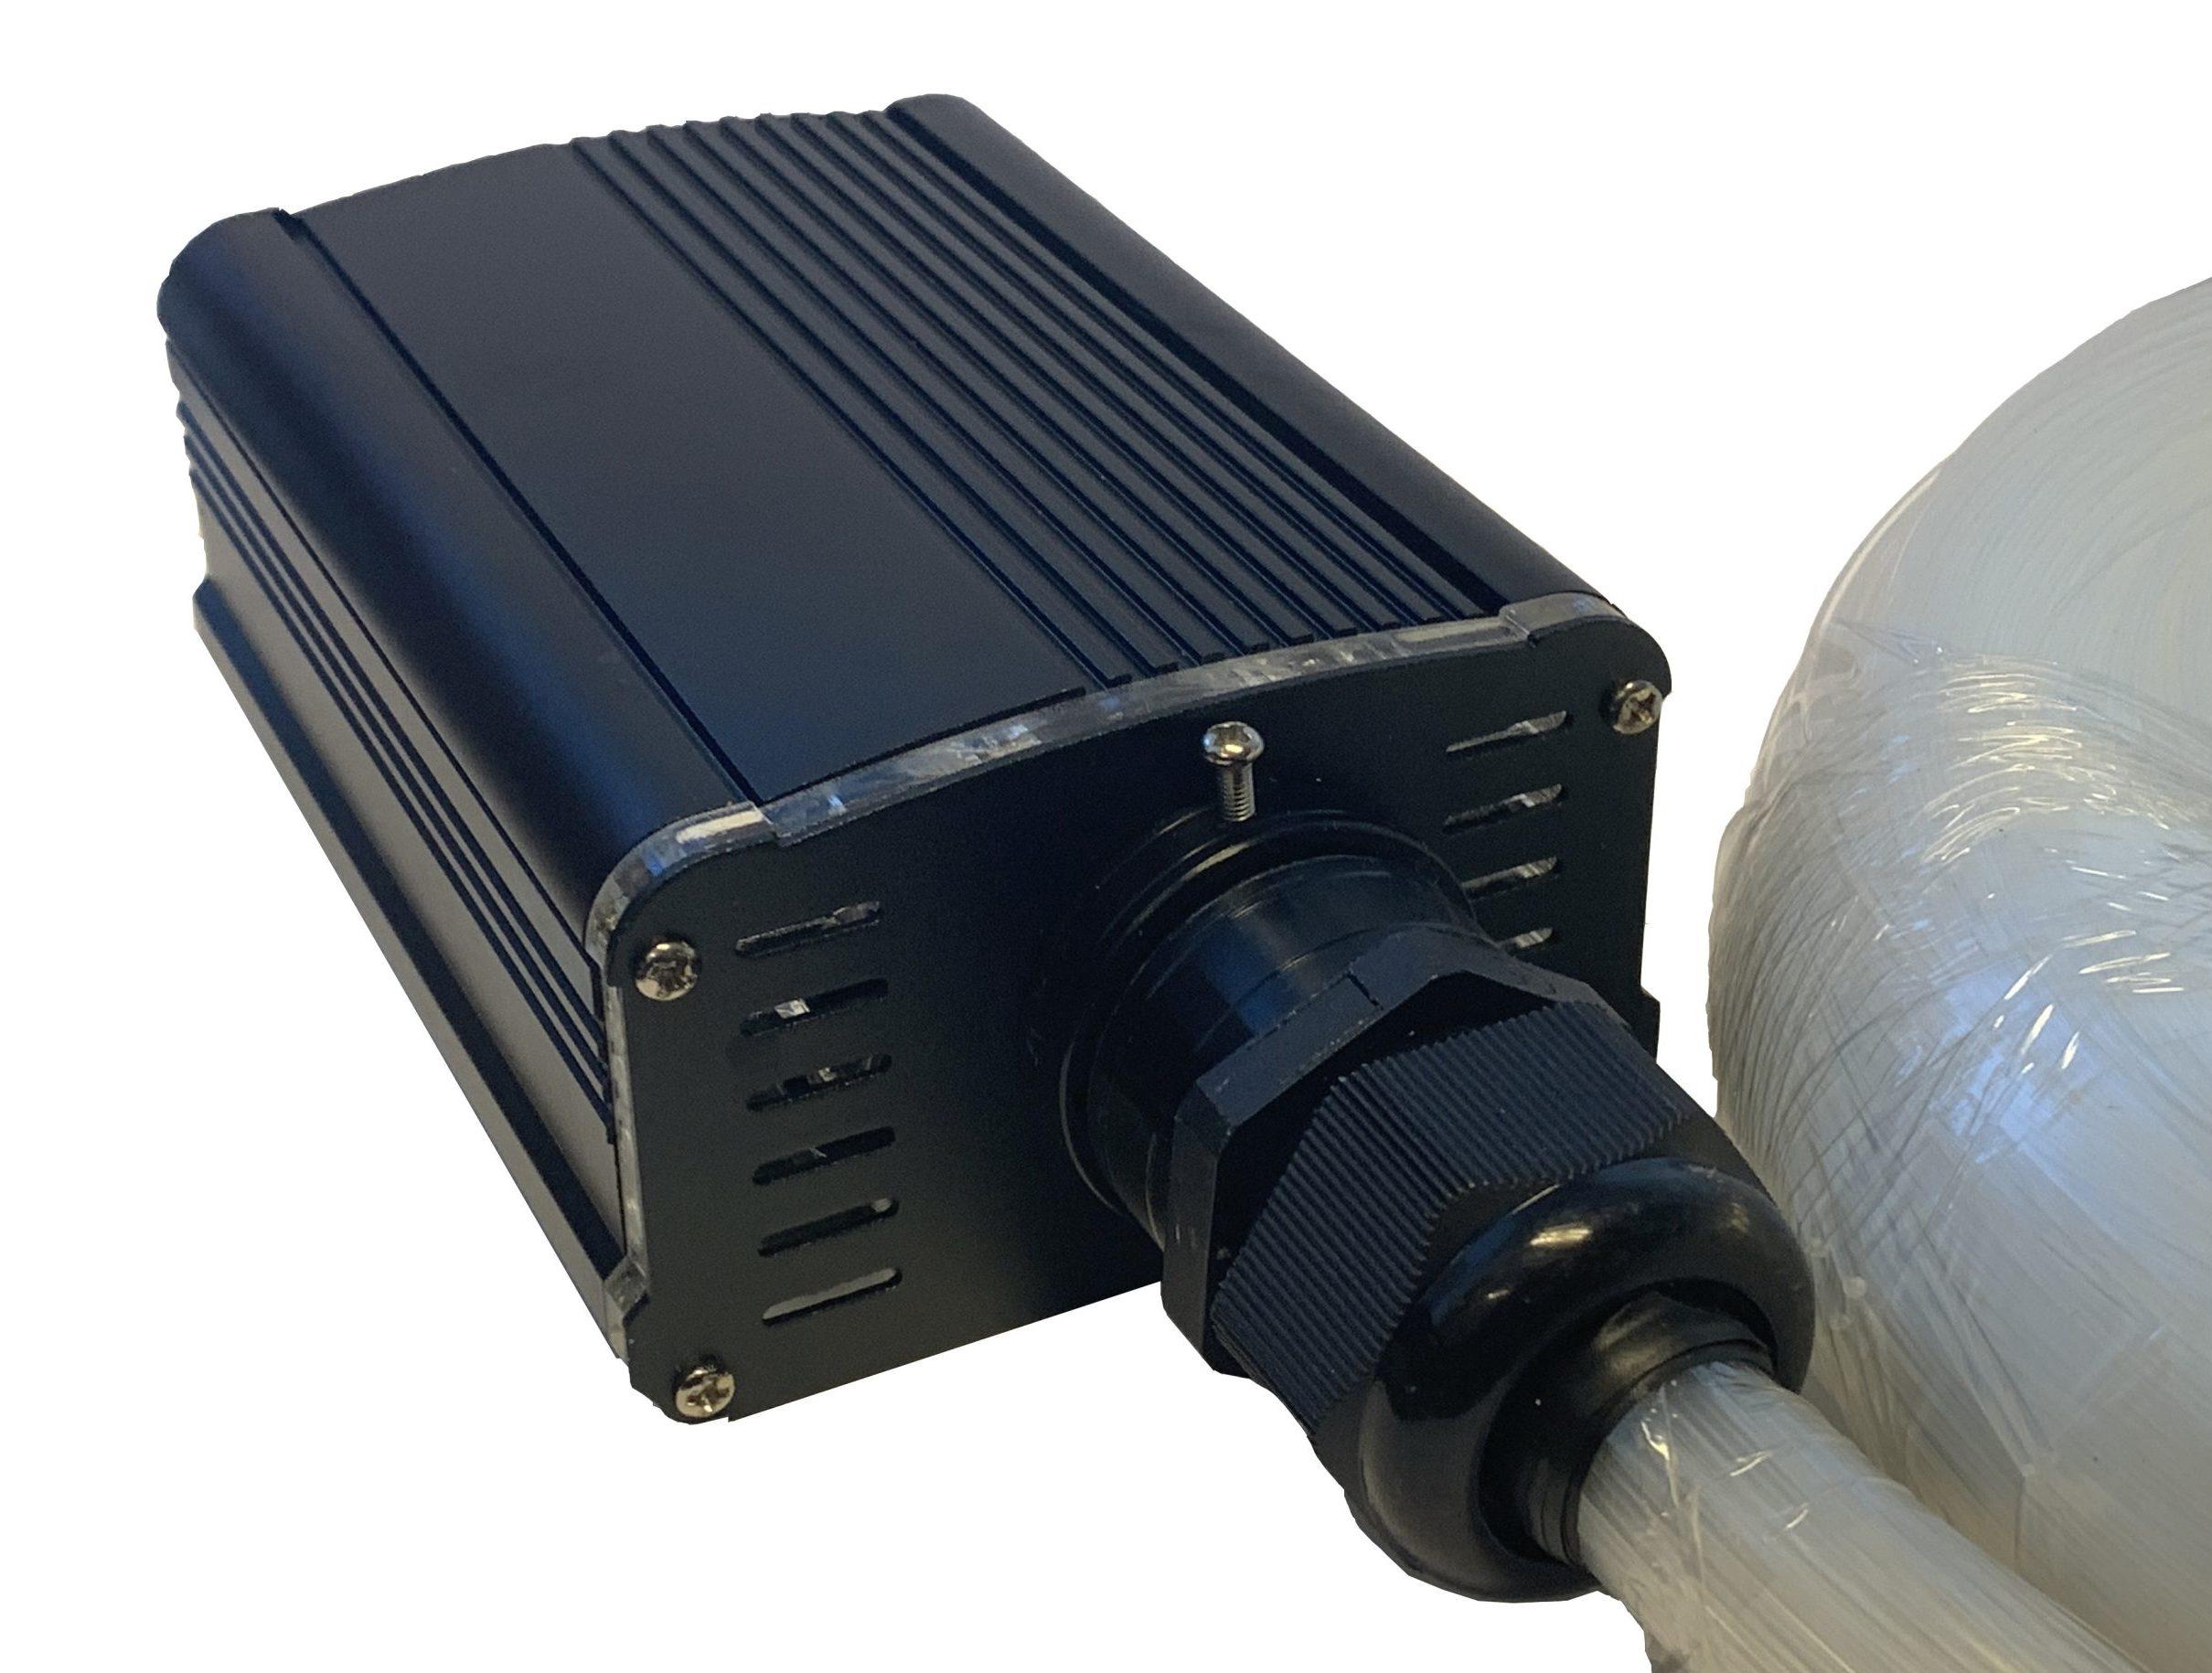 OEM Stjernehimmel m. 18W LED engine / 188 fibre på 2m for <4kvm tak